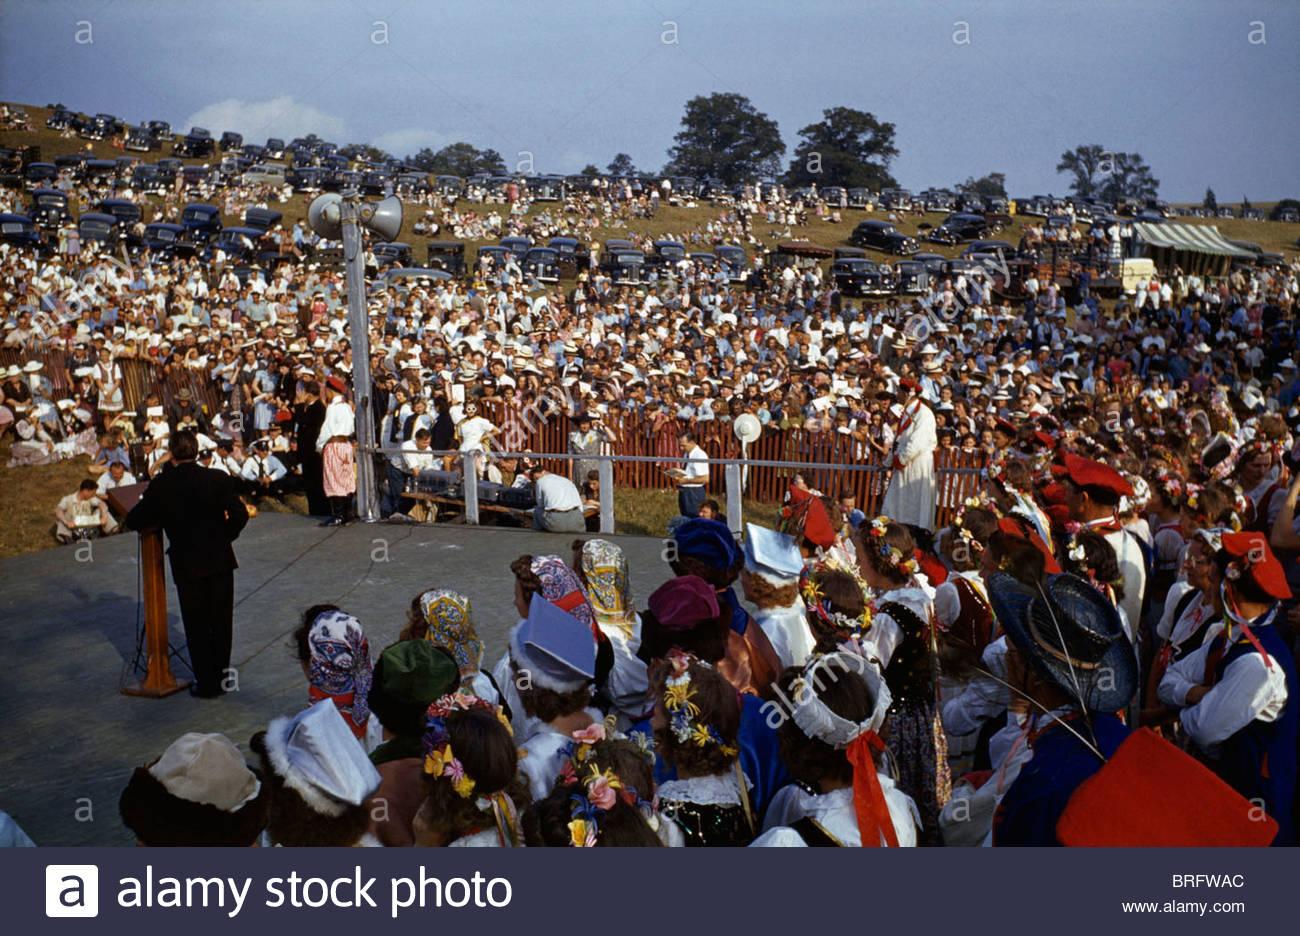 Une foule offre grâce au cours d'un service à un festival de la récolte de l'oignon. Photo Stock